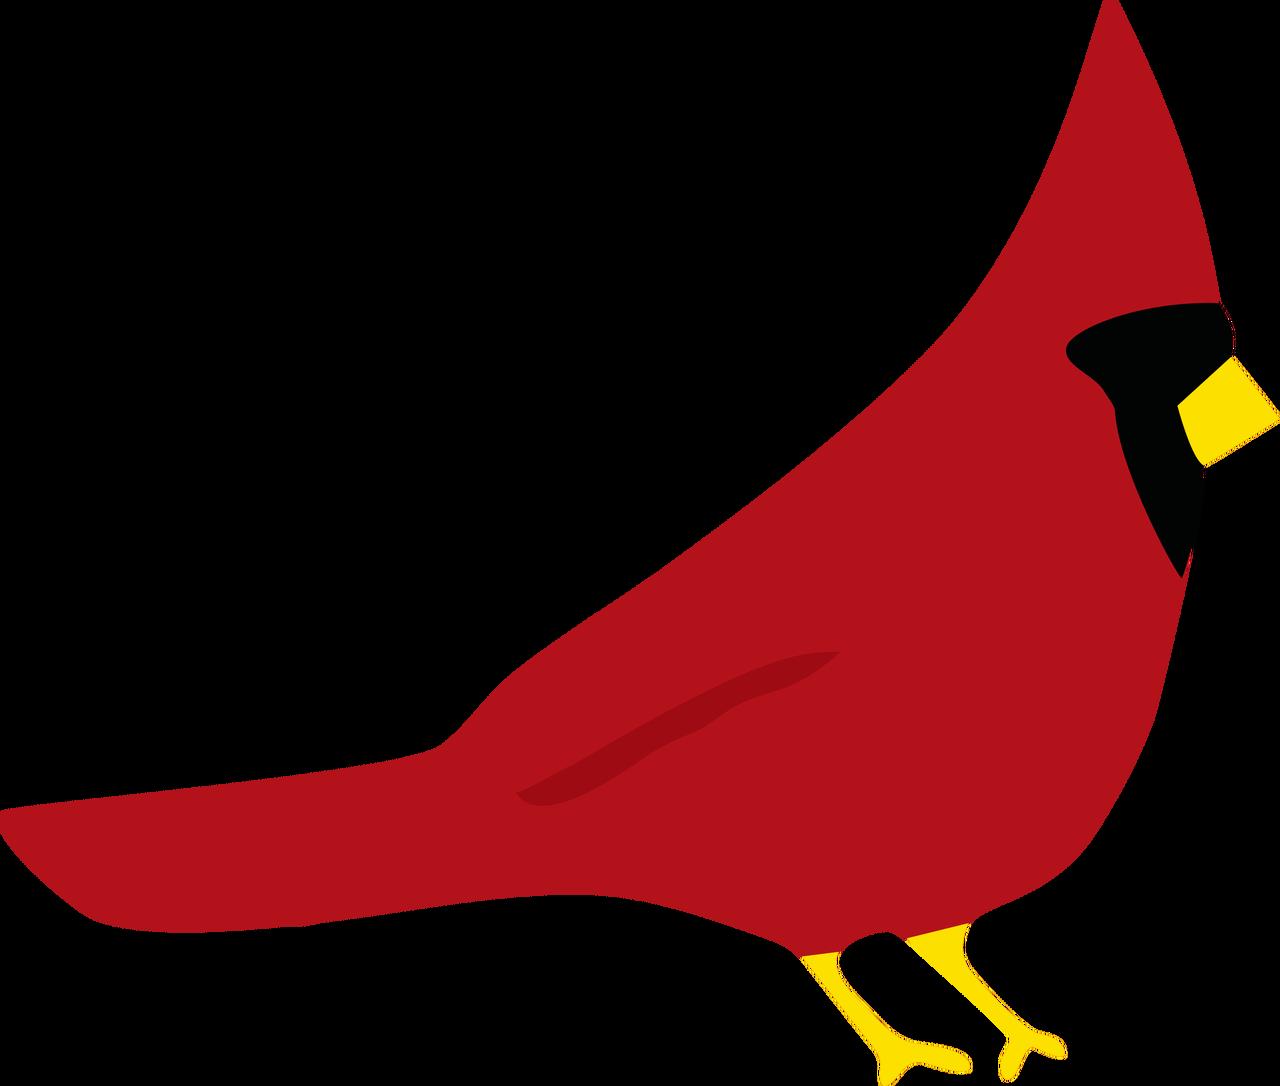 vector royalty free Cut file snap click. Cardinal svg.